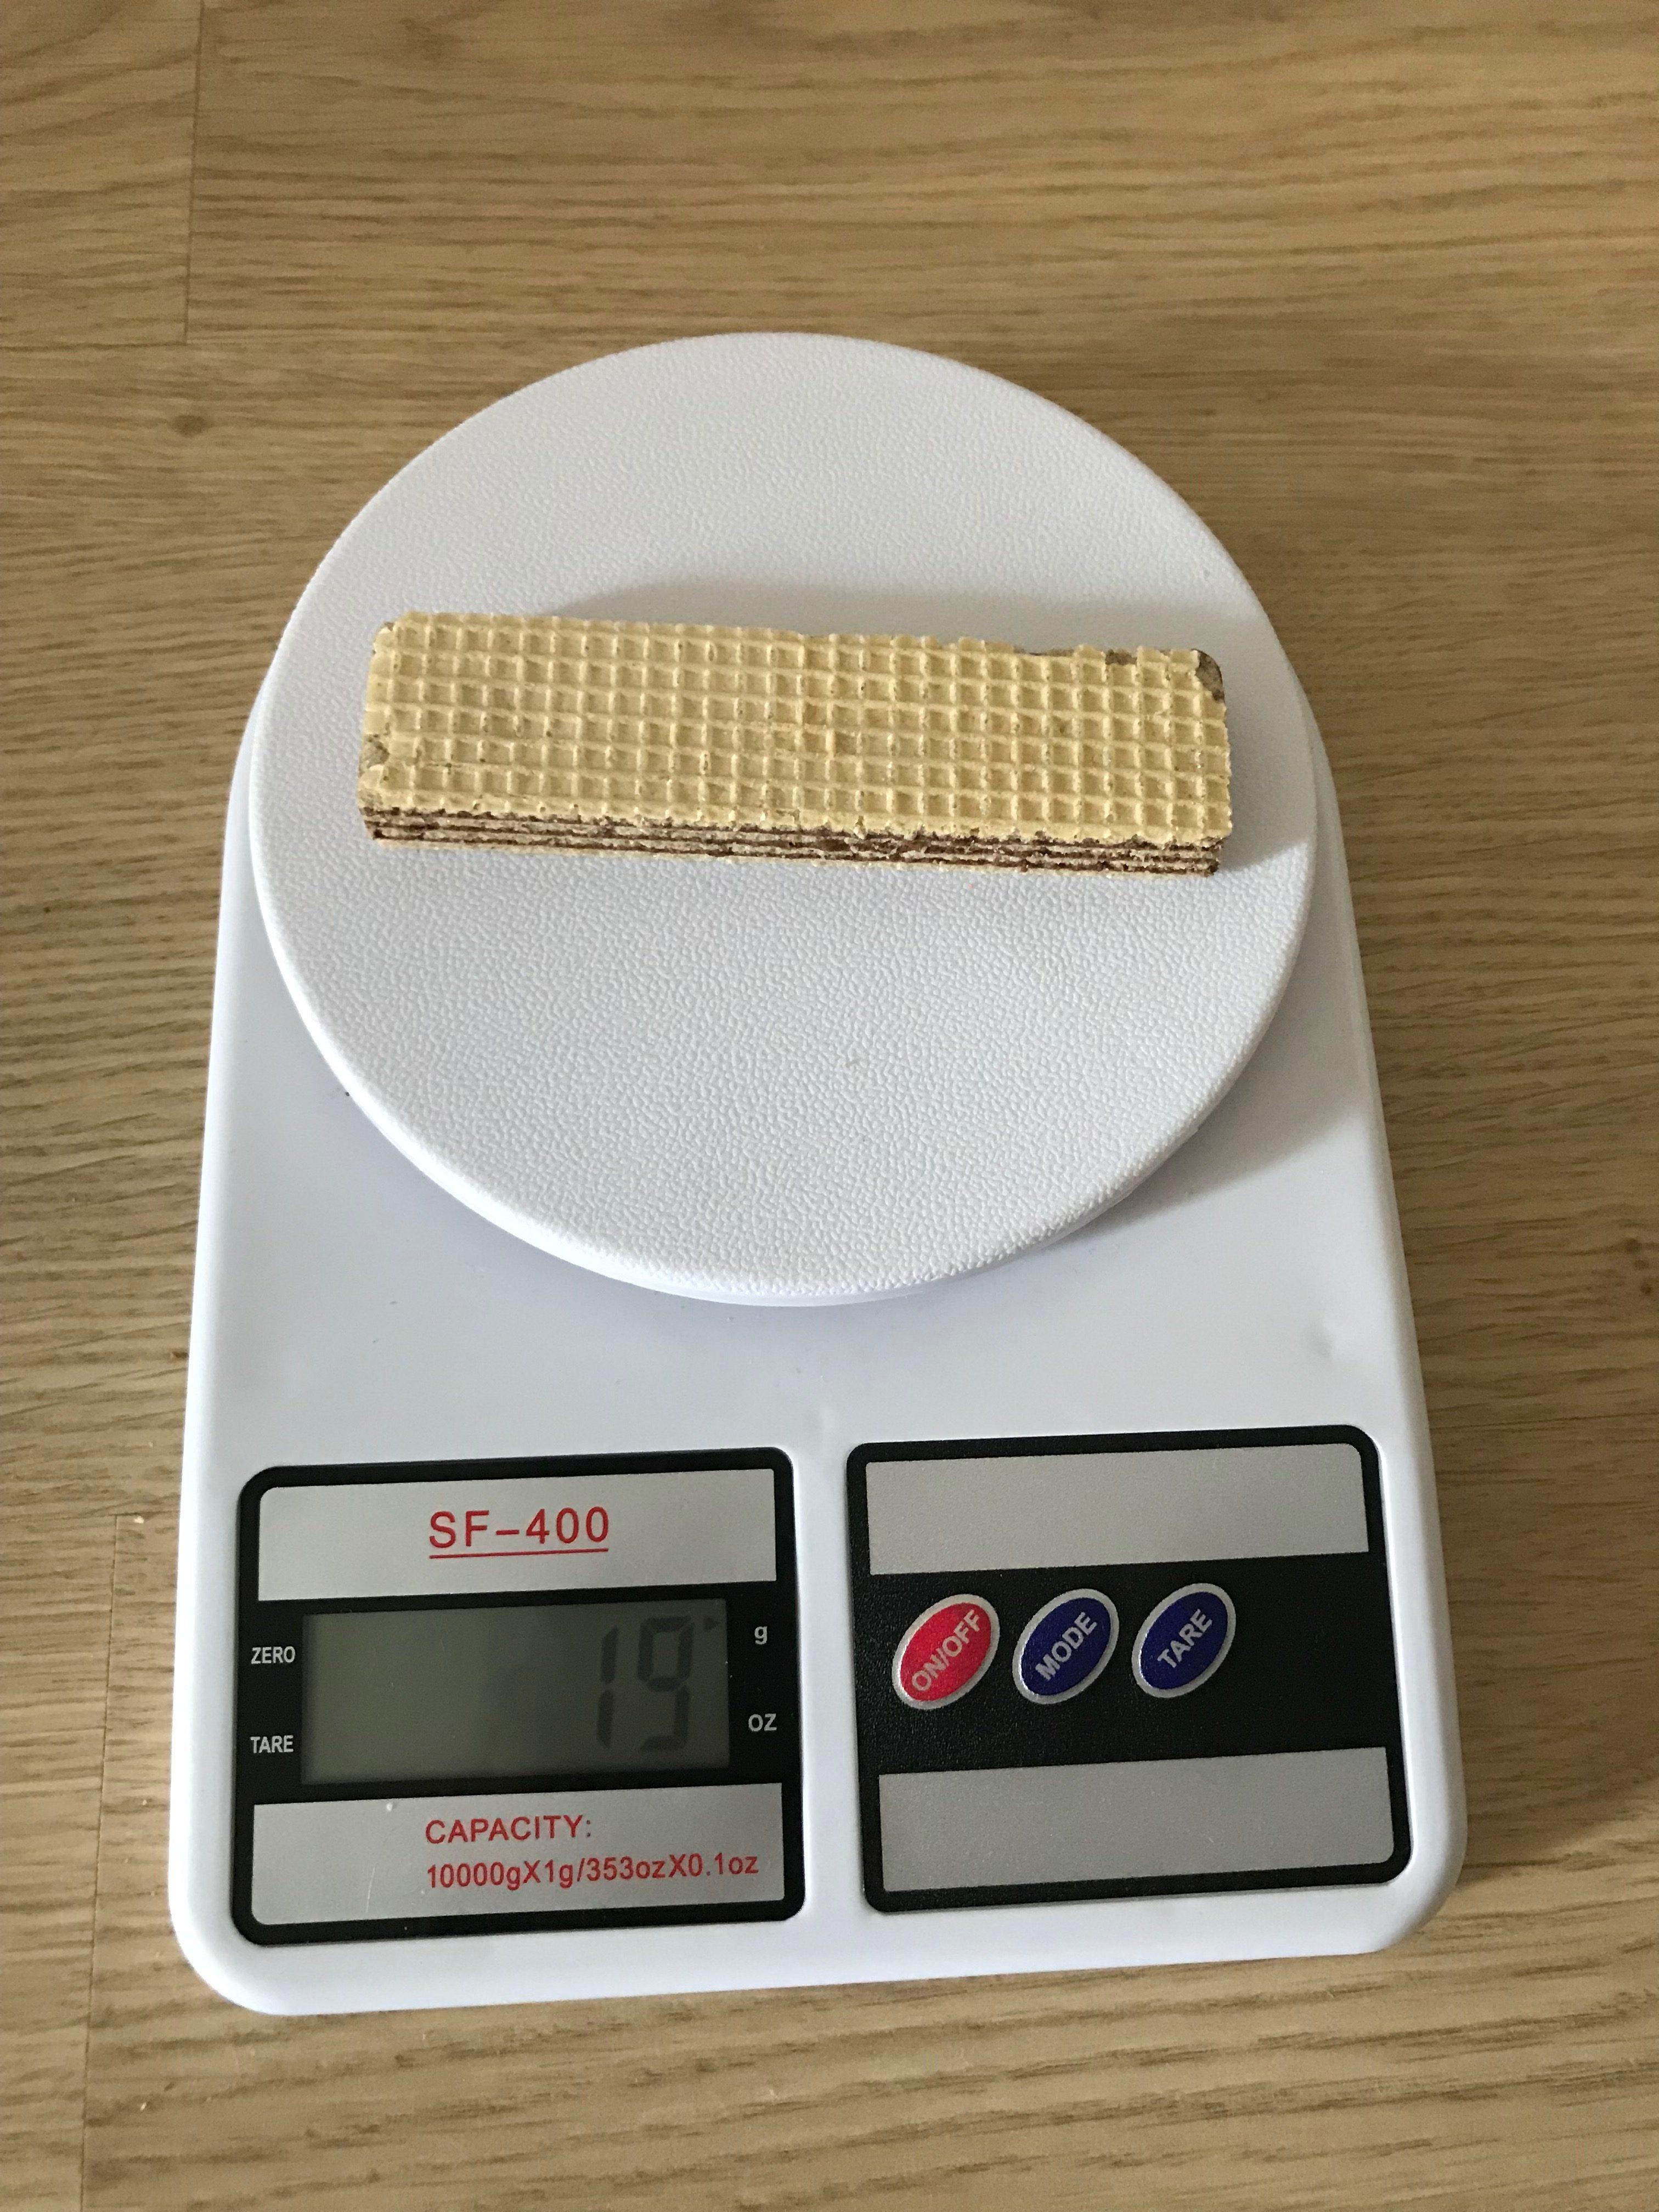 вес вафельки